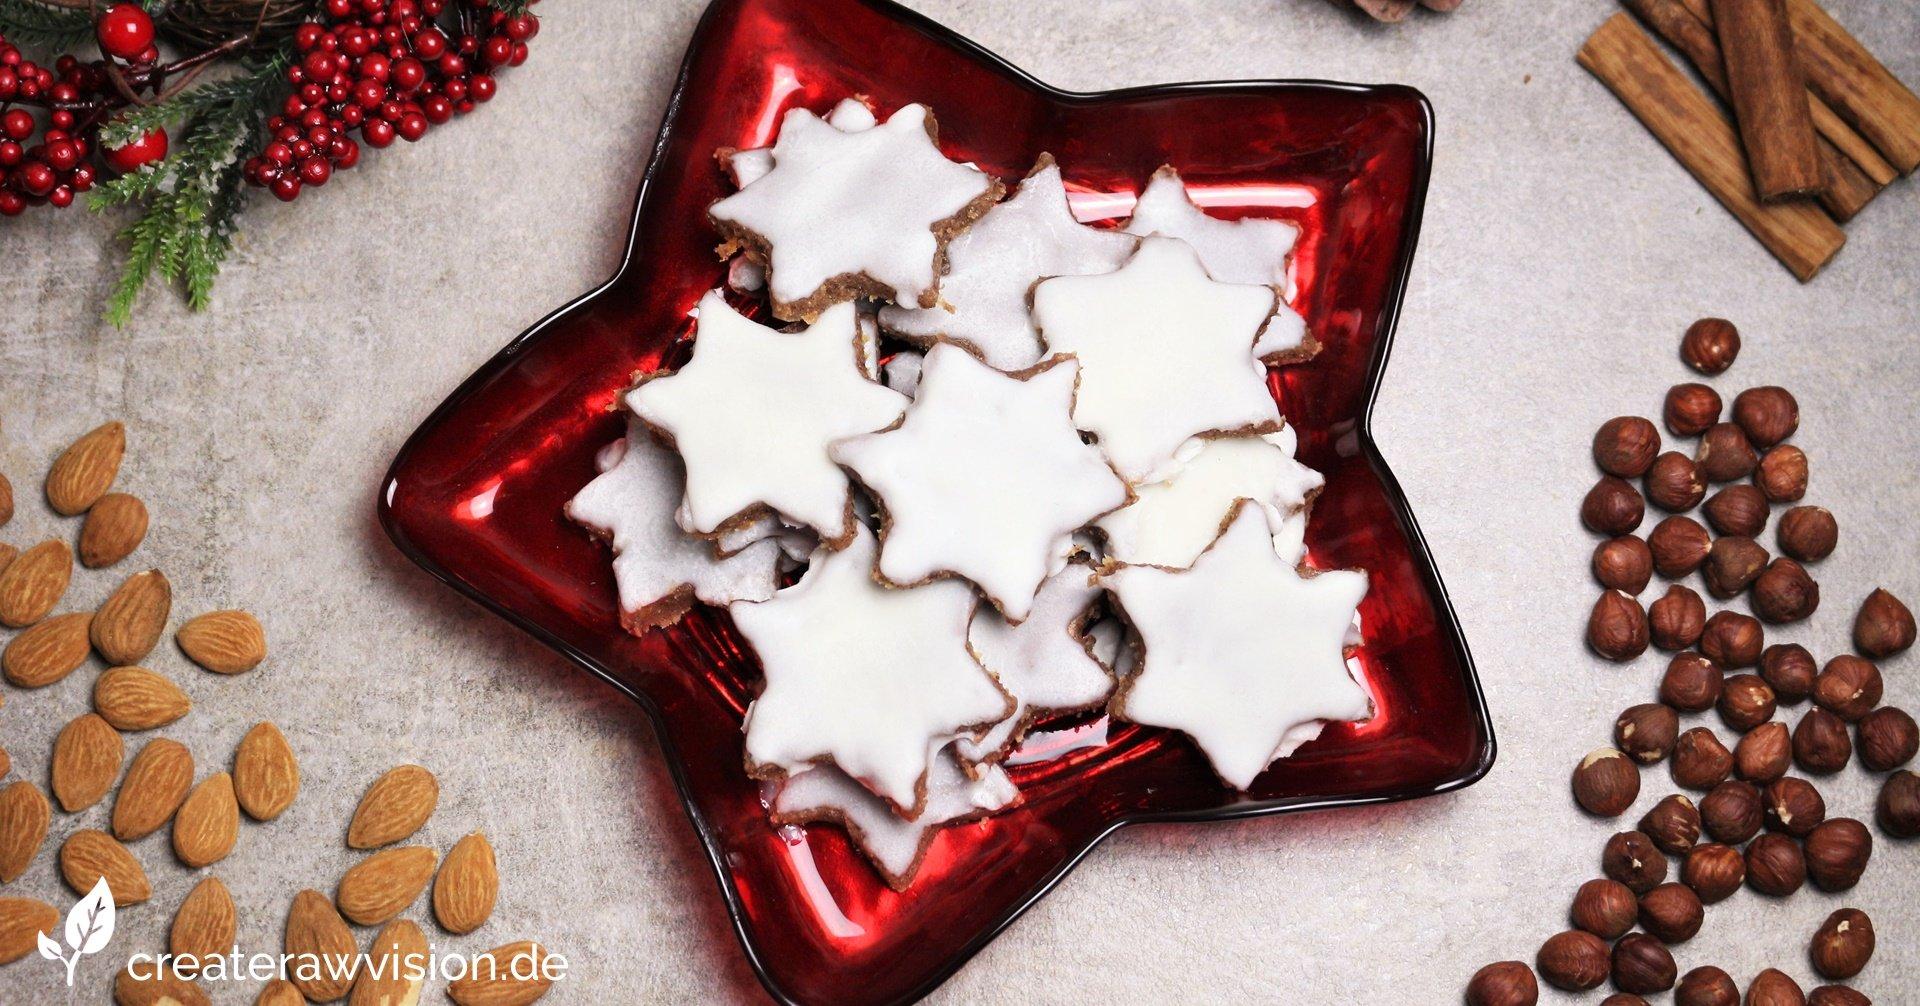 Weihnachtliche Rohkost Zimtsterne - Glutenfrei, Roh & Vegan